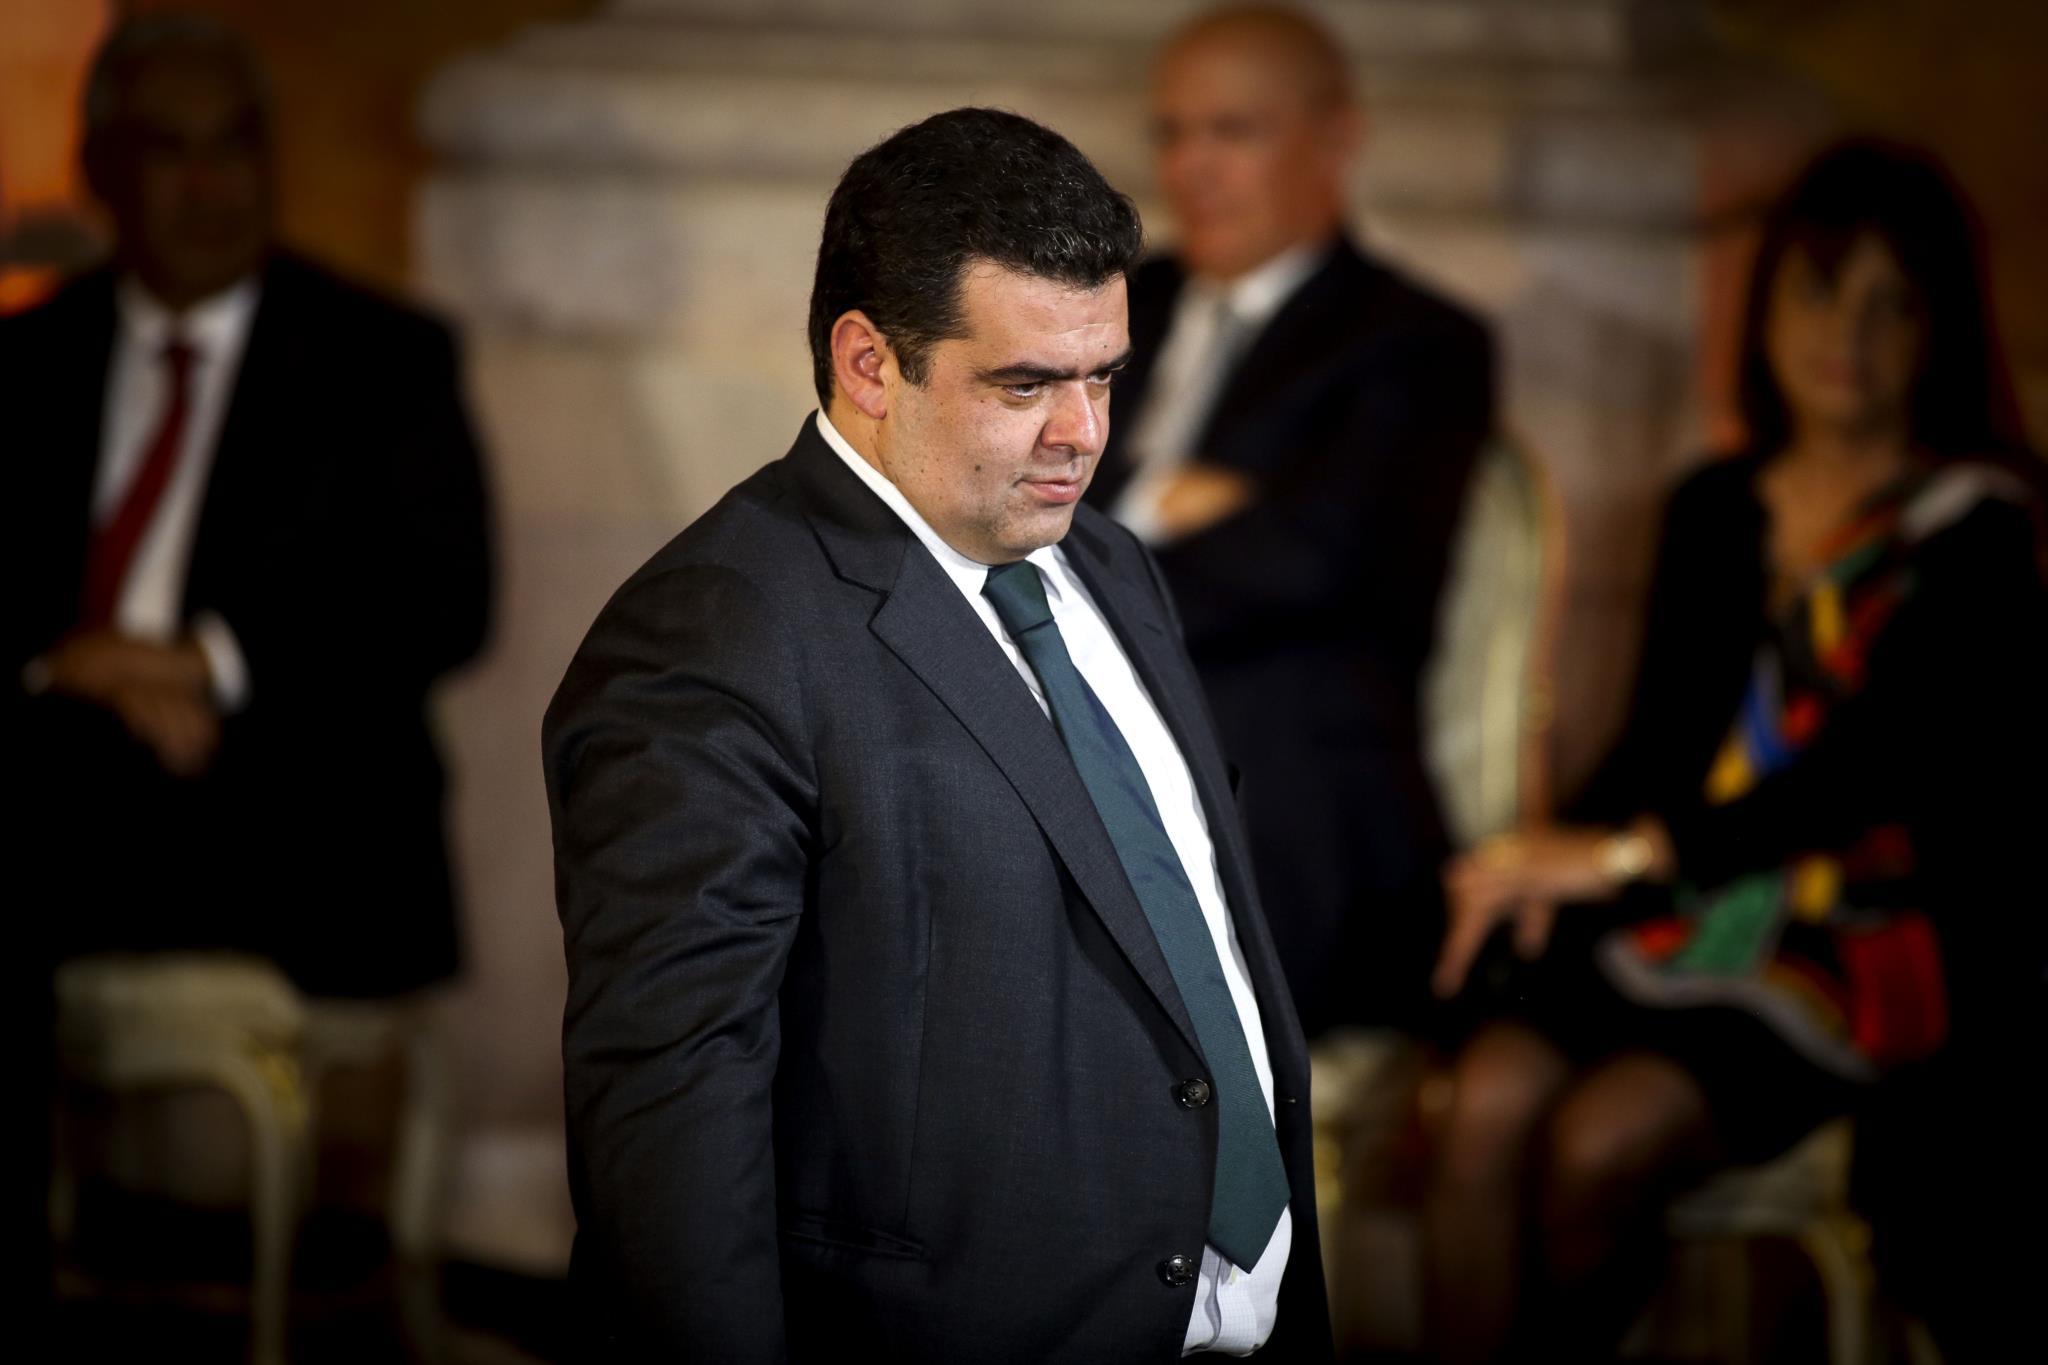 PÚBLICO - Fisco quer deixar divorciados dividir filhos no IRS